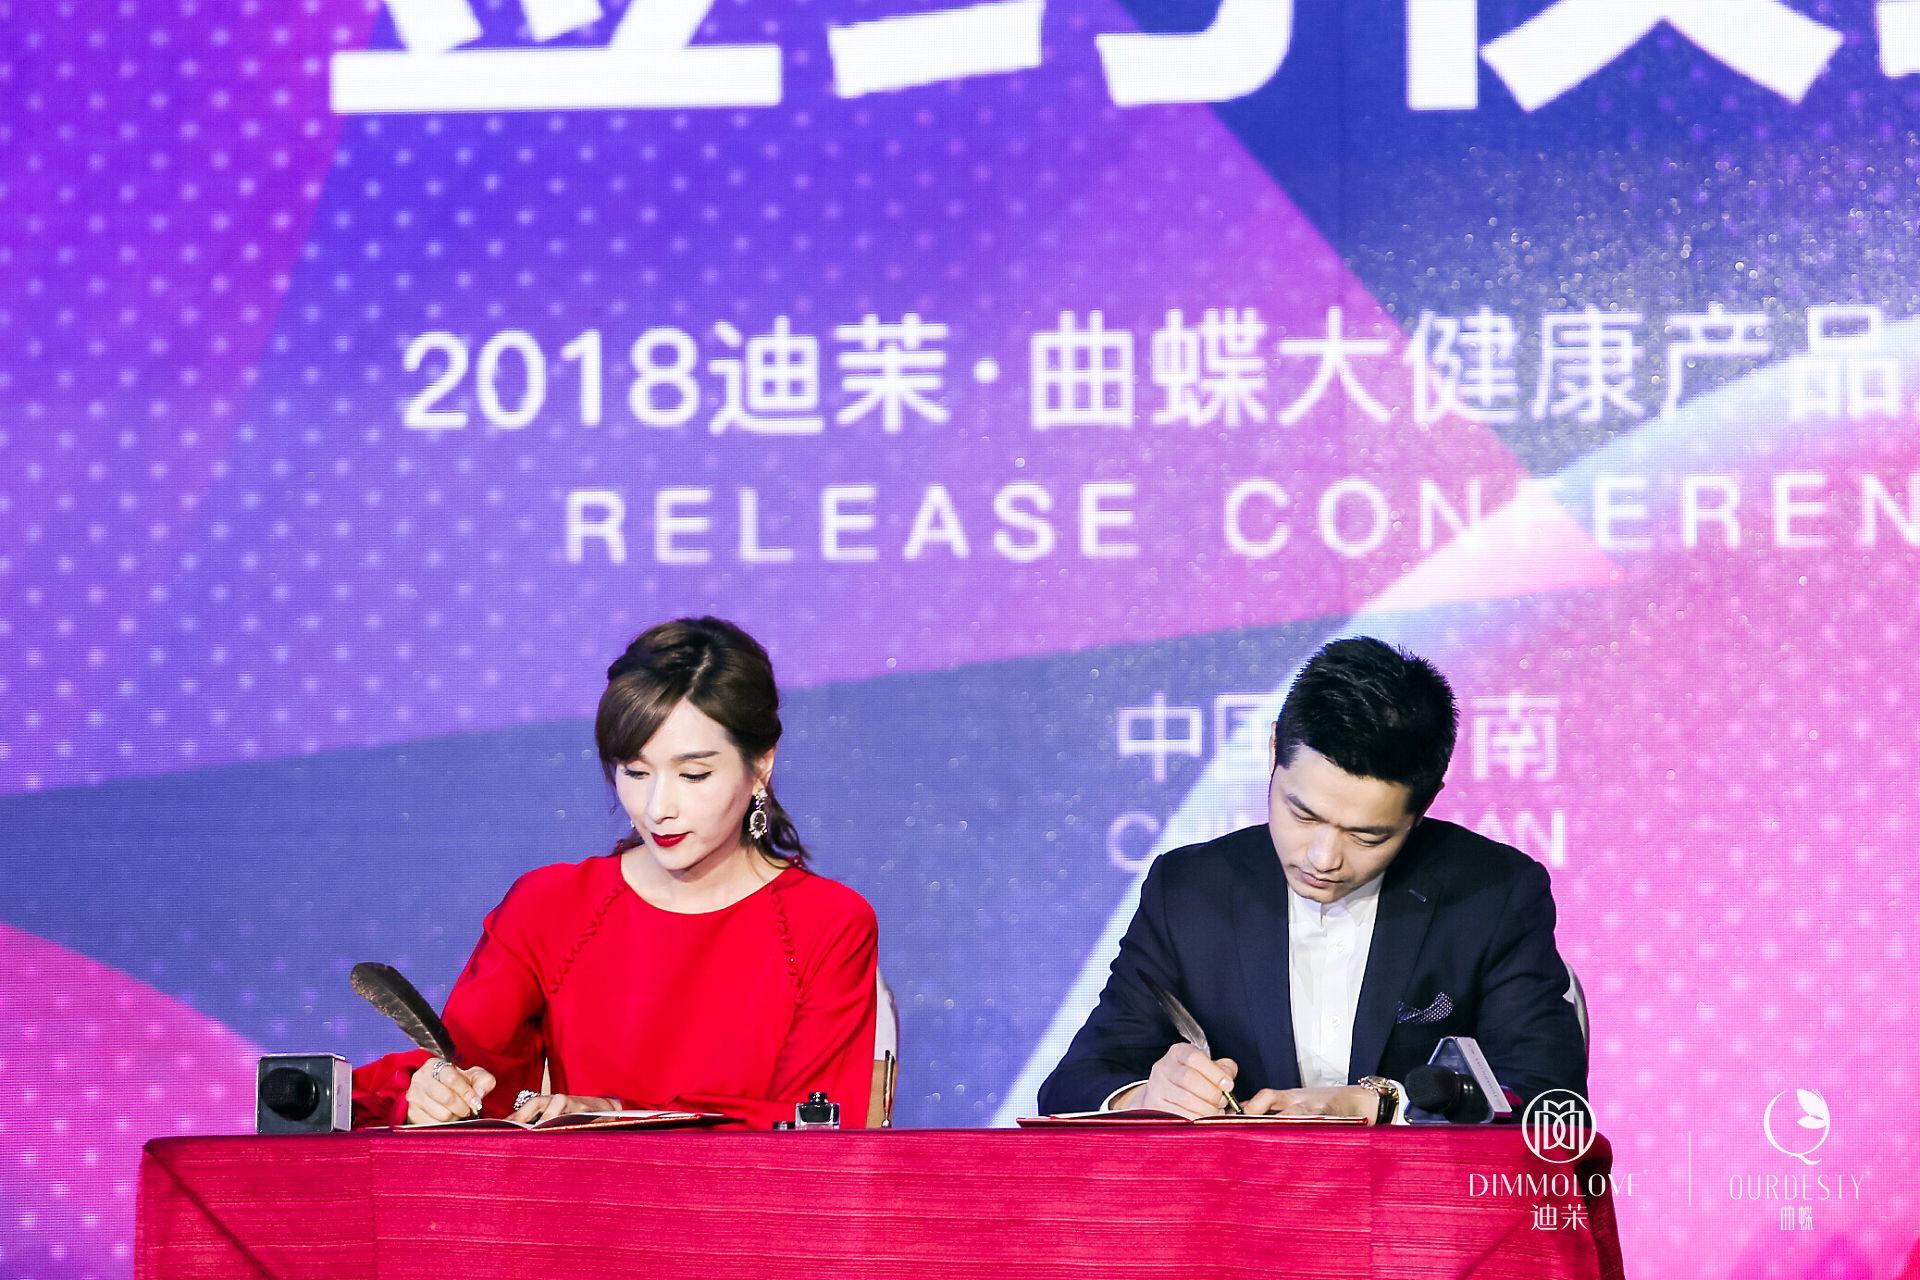 曲蝶品牌成功签约杨恭如成为代言人